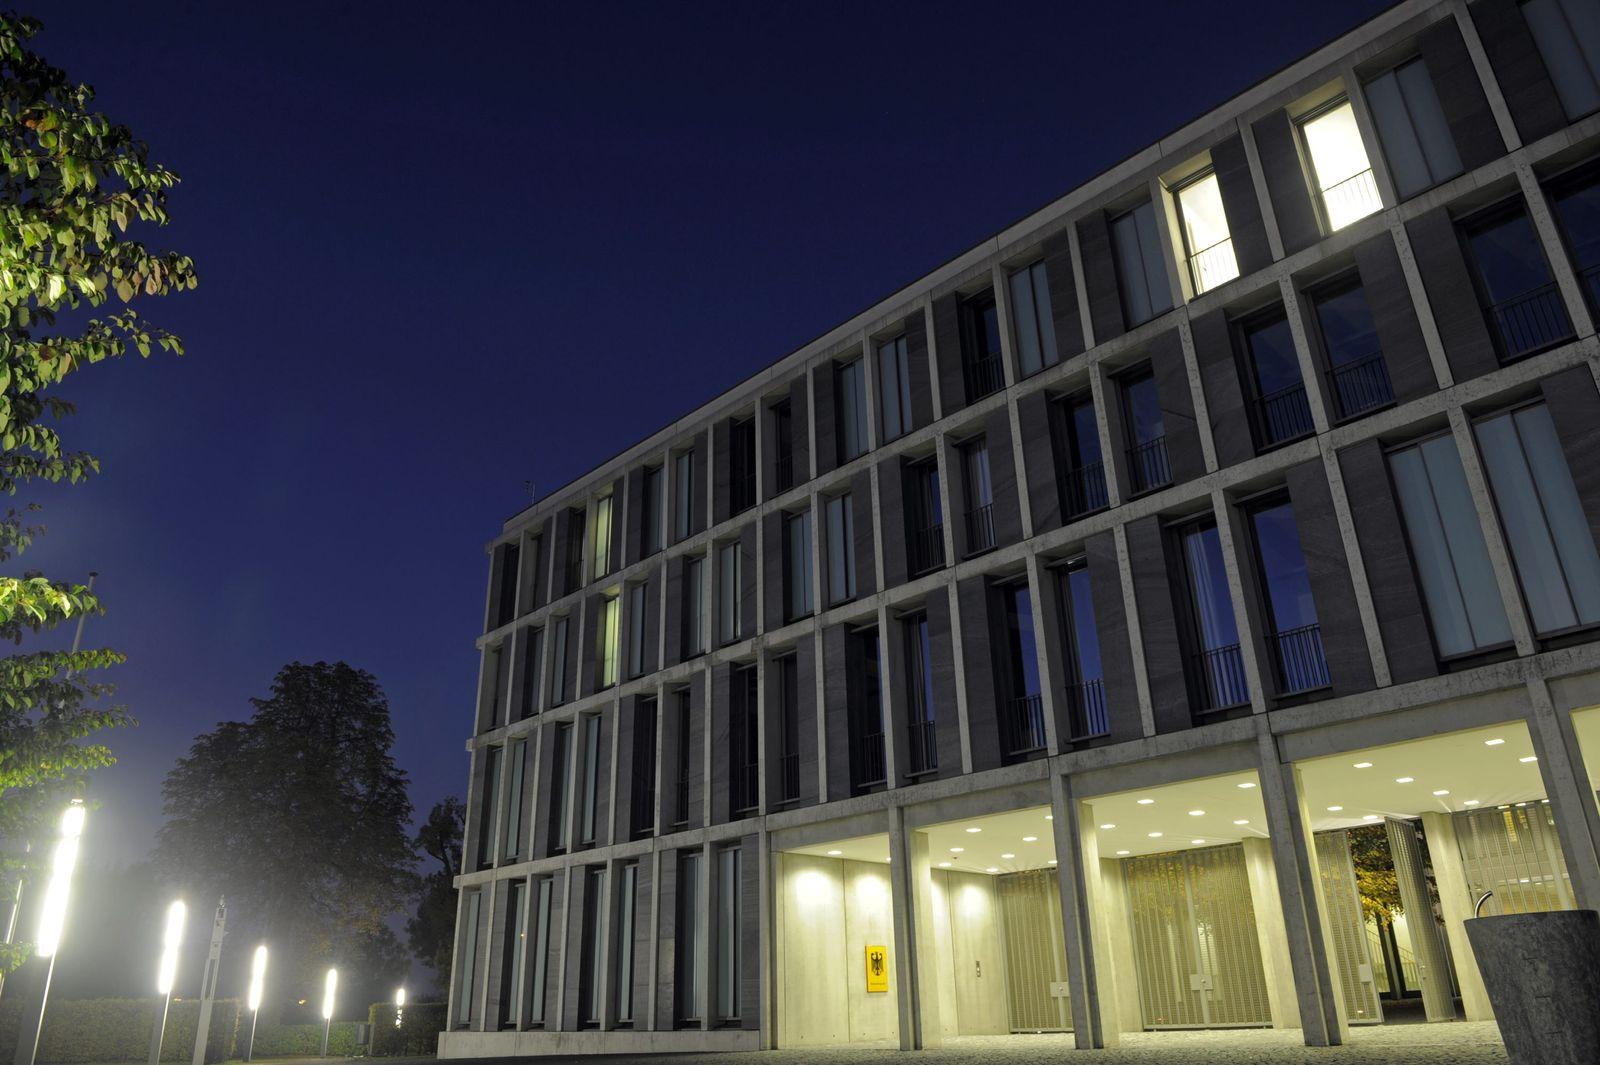 NICHT VERWENDEN Bundesarbeitsgericht Erfurt